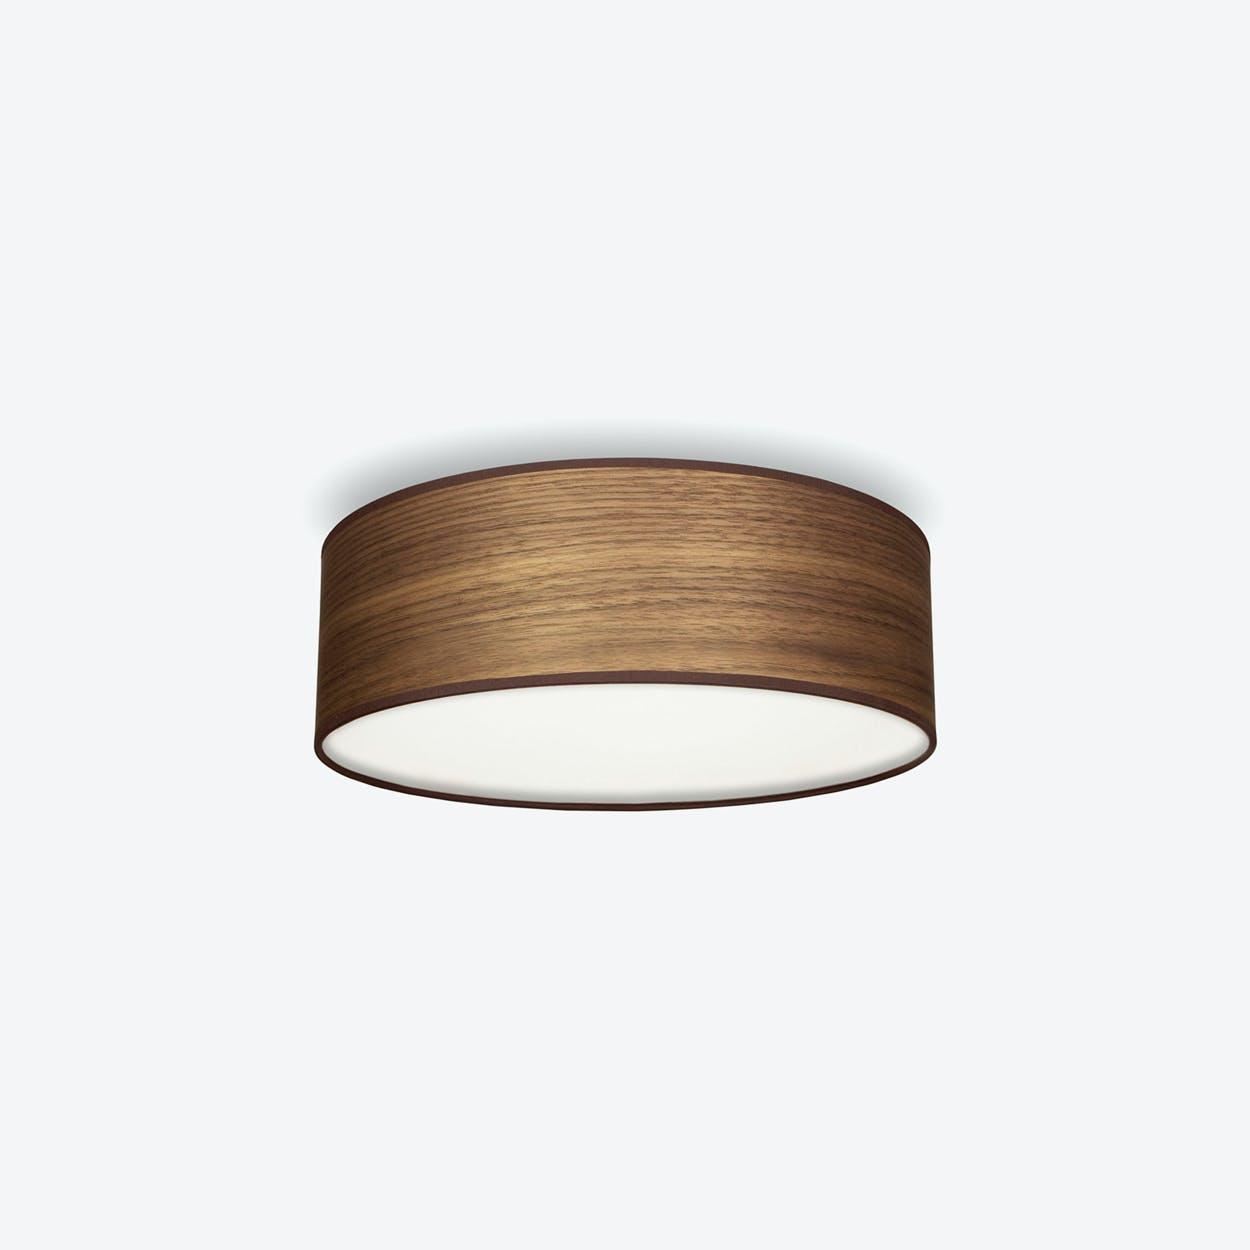 TSURI Medium Ceiling Lamp in Walnut